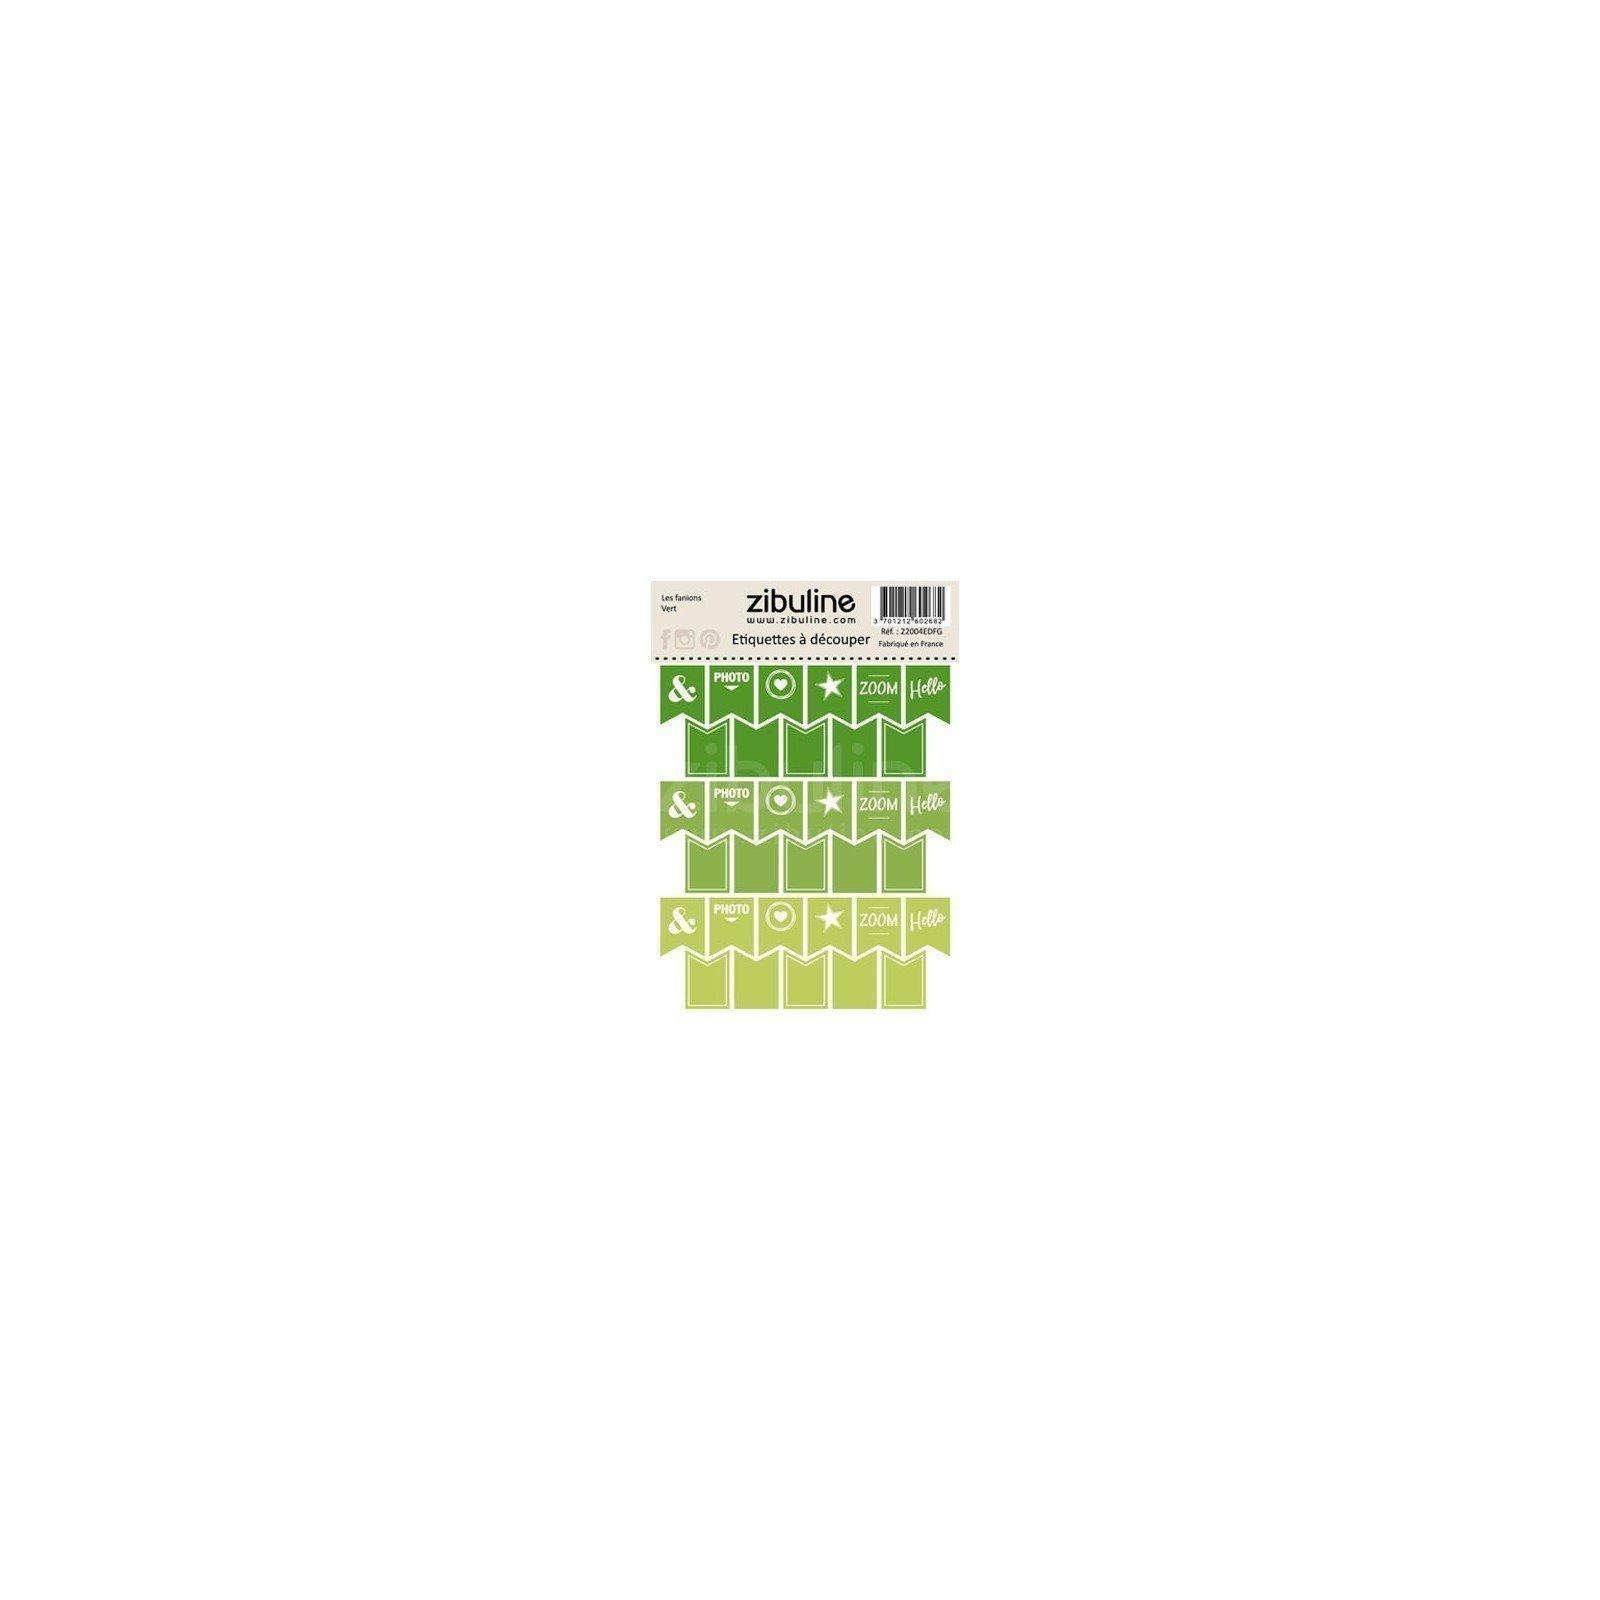 Planche d'étiquettes à découper - Les fanions - Vert - Zibuline